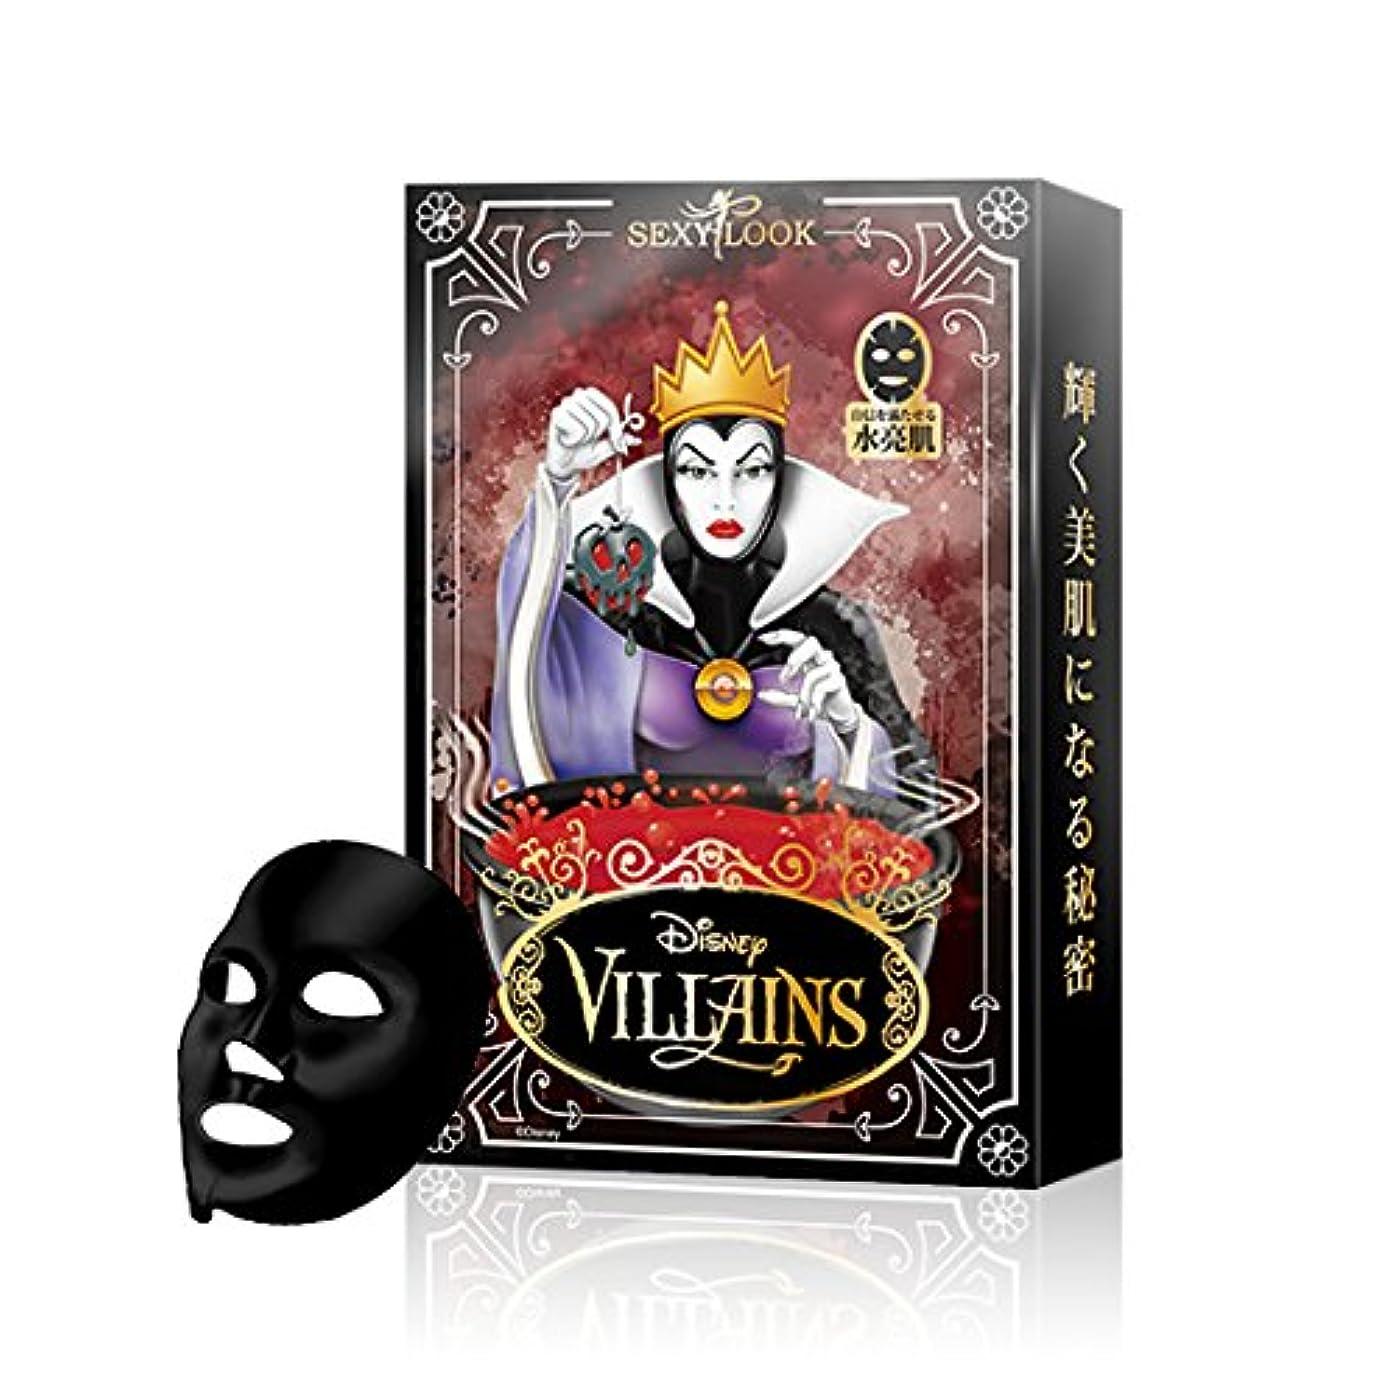 貫通する百年色合いSexyLook Sexlookディズニー悪役邪悪な女王ブライトニングマスク